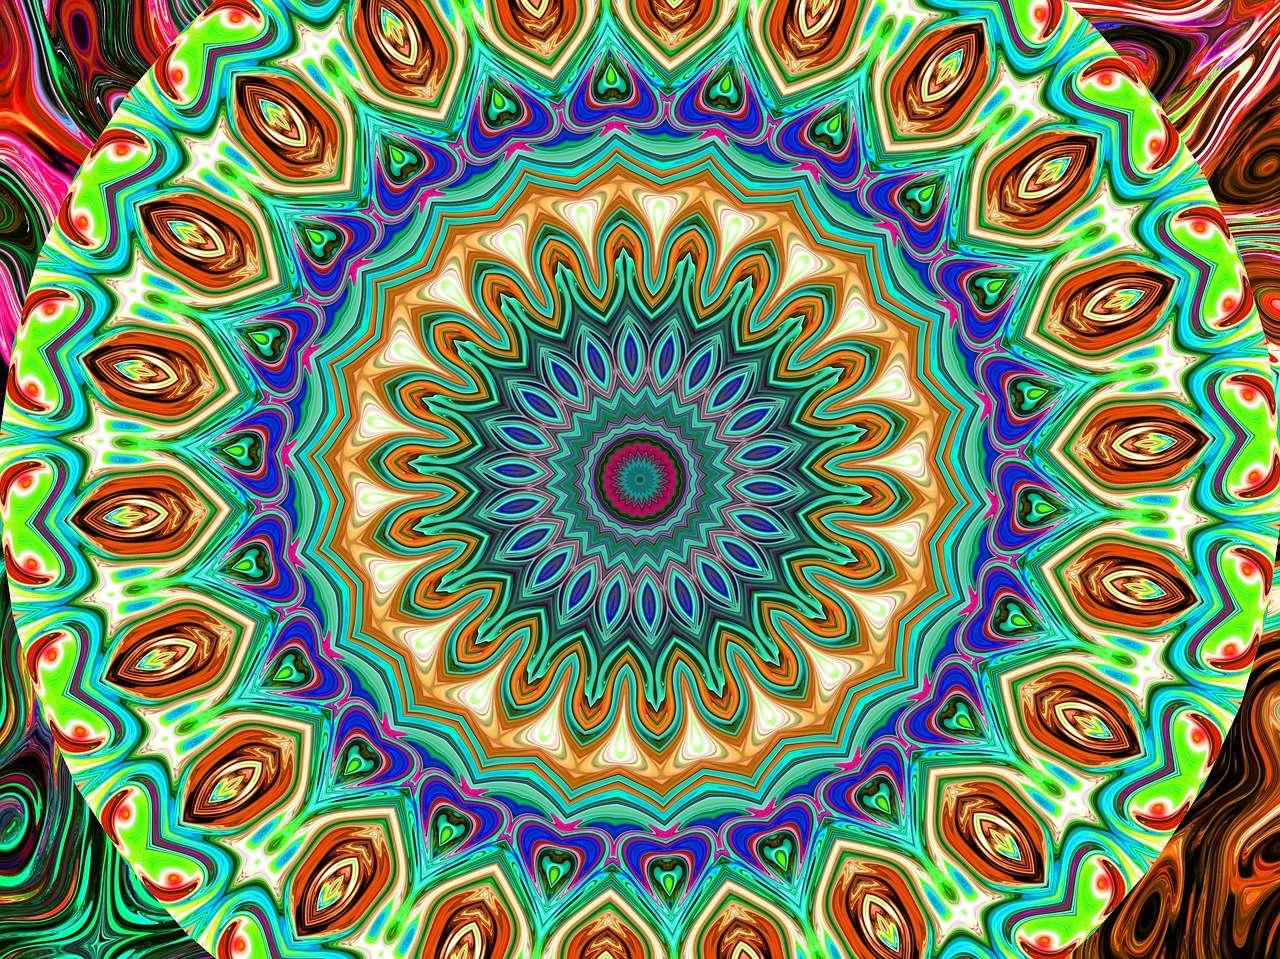 Mandala i många färger